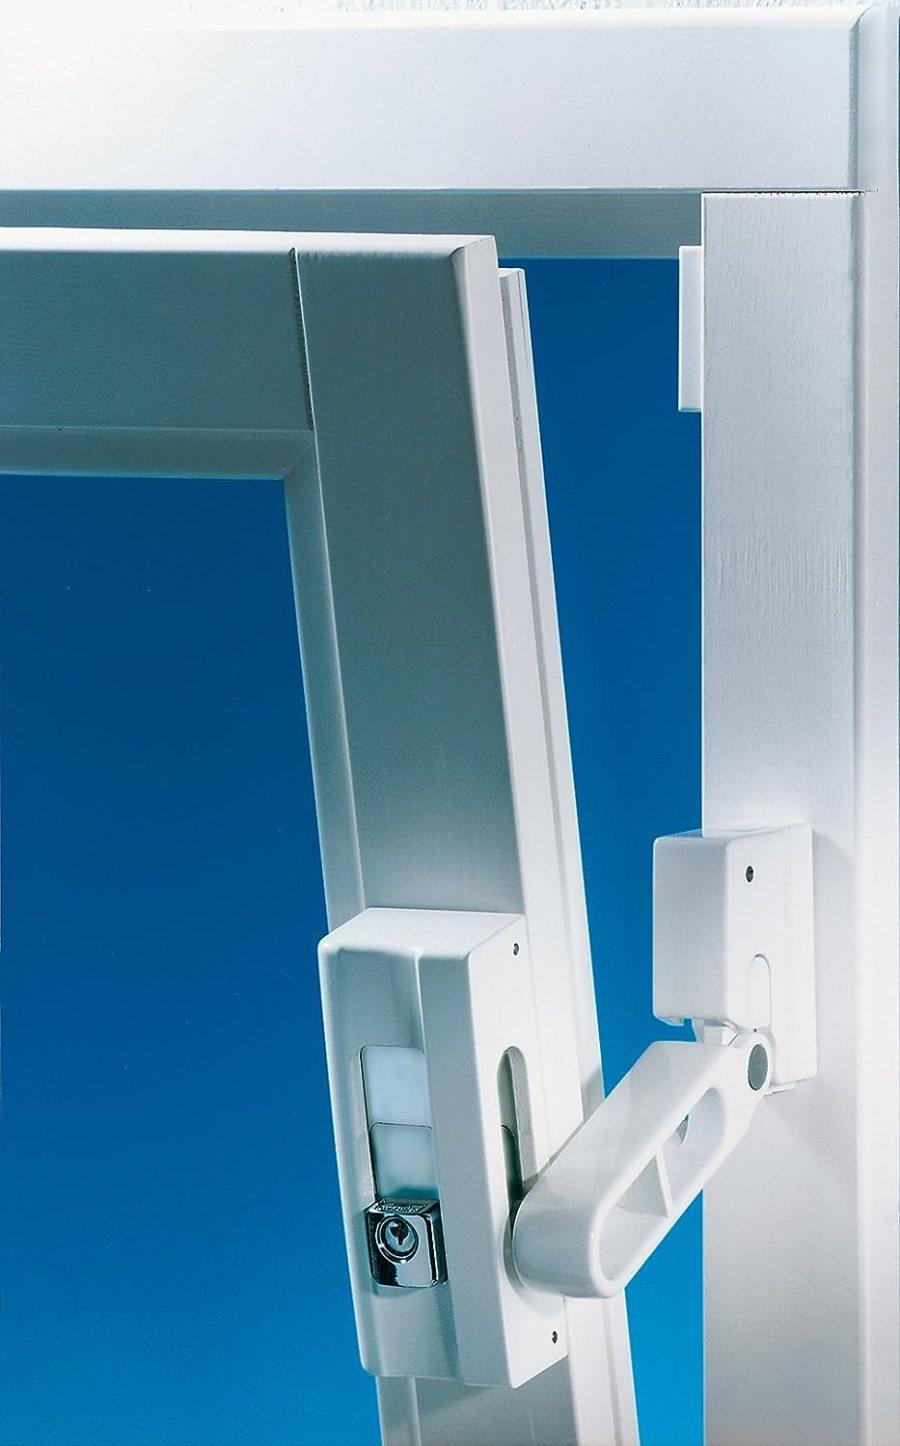 Burg-Wächter Massive Fenstersicherung, VDs geprüfter Anwesenheitsschutz, Präzisions-Zylinderschließwerk, BlockSafe BS 2 W SB